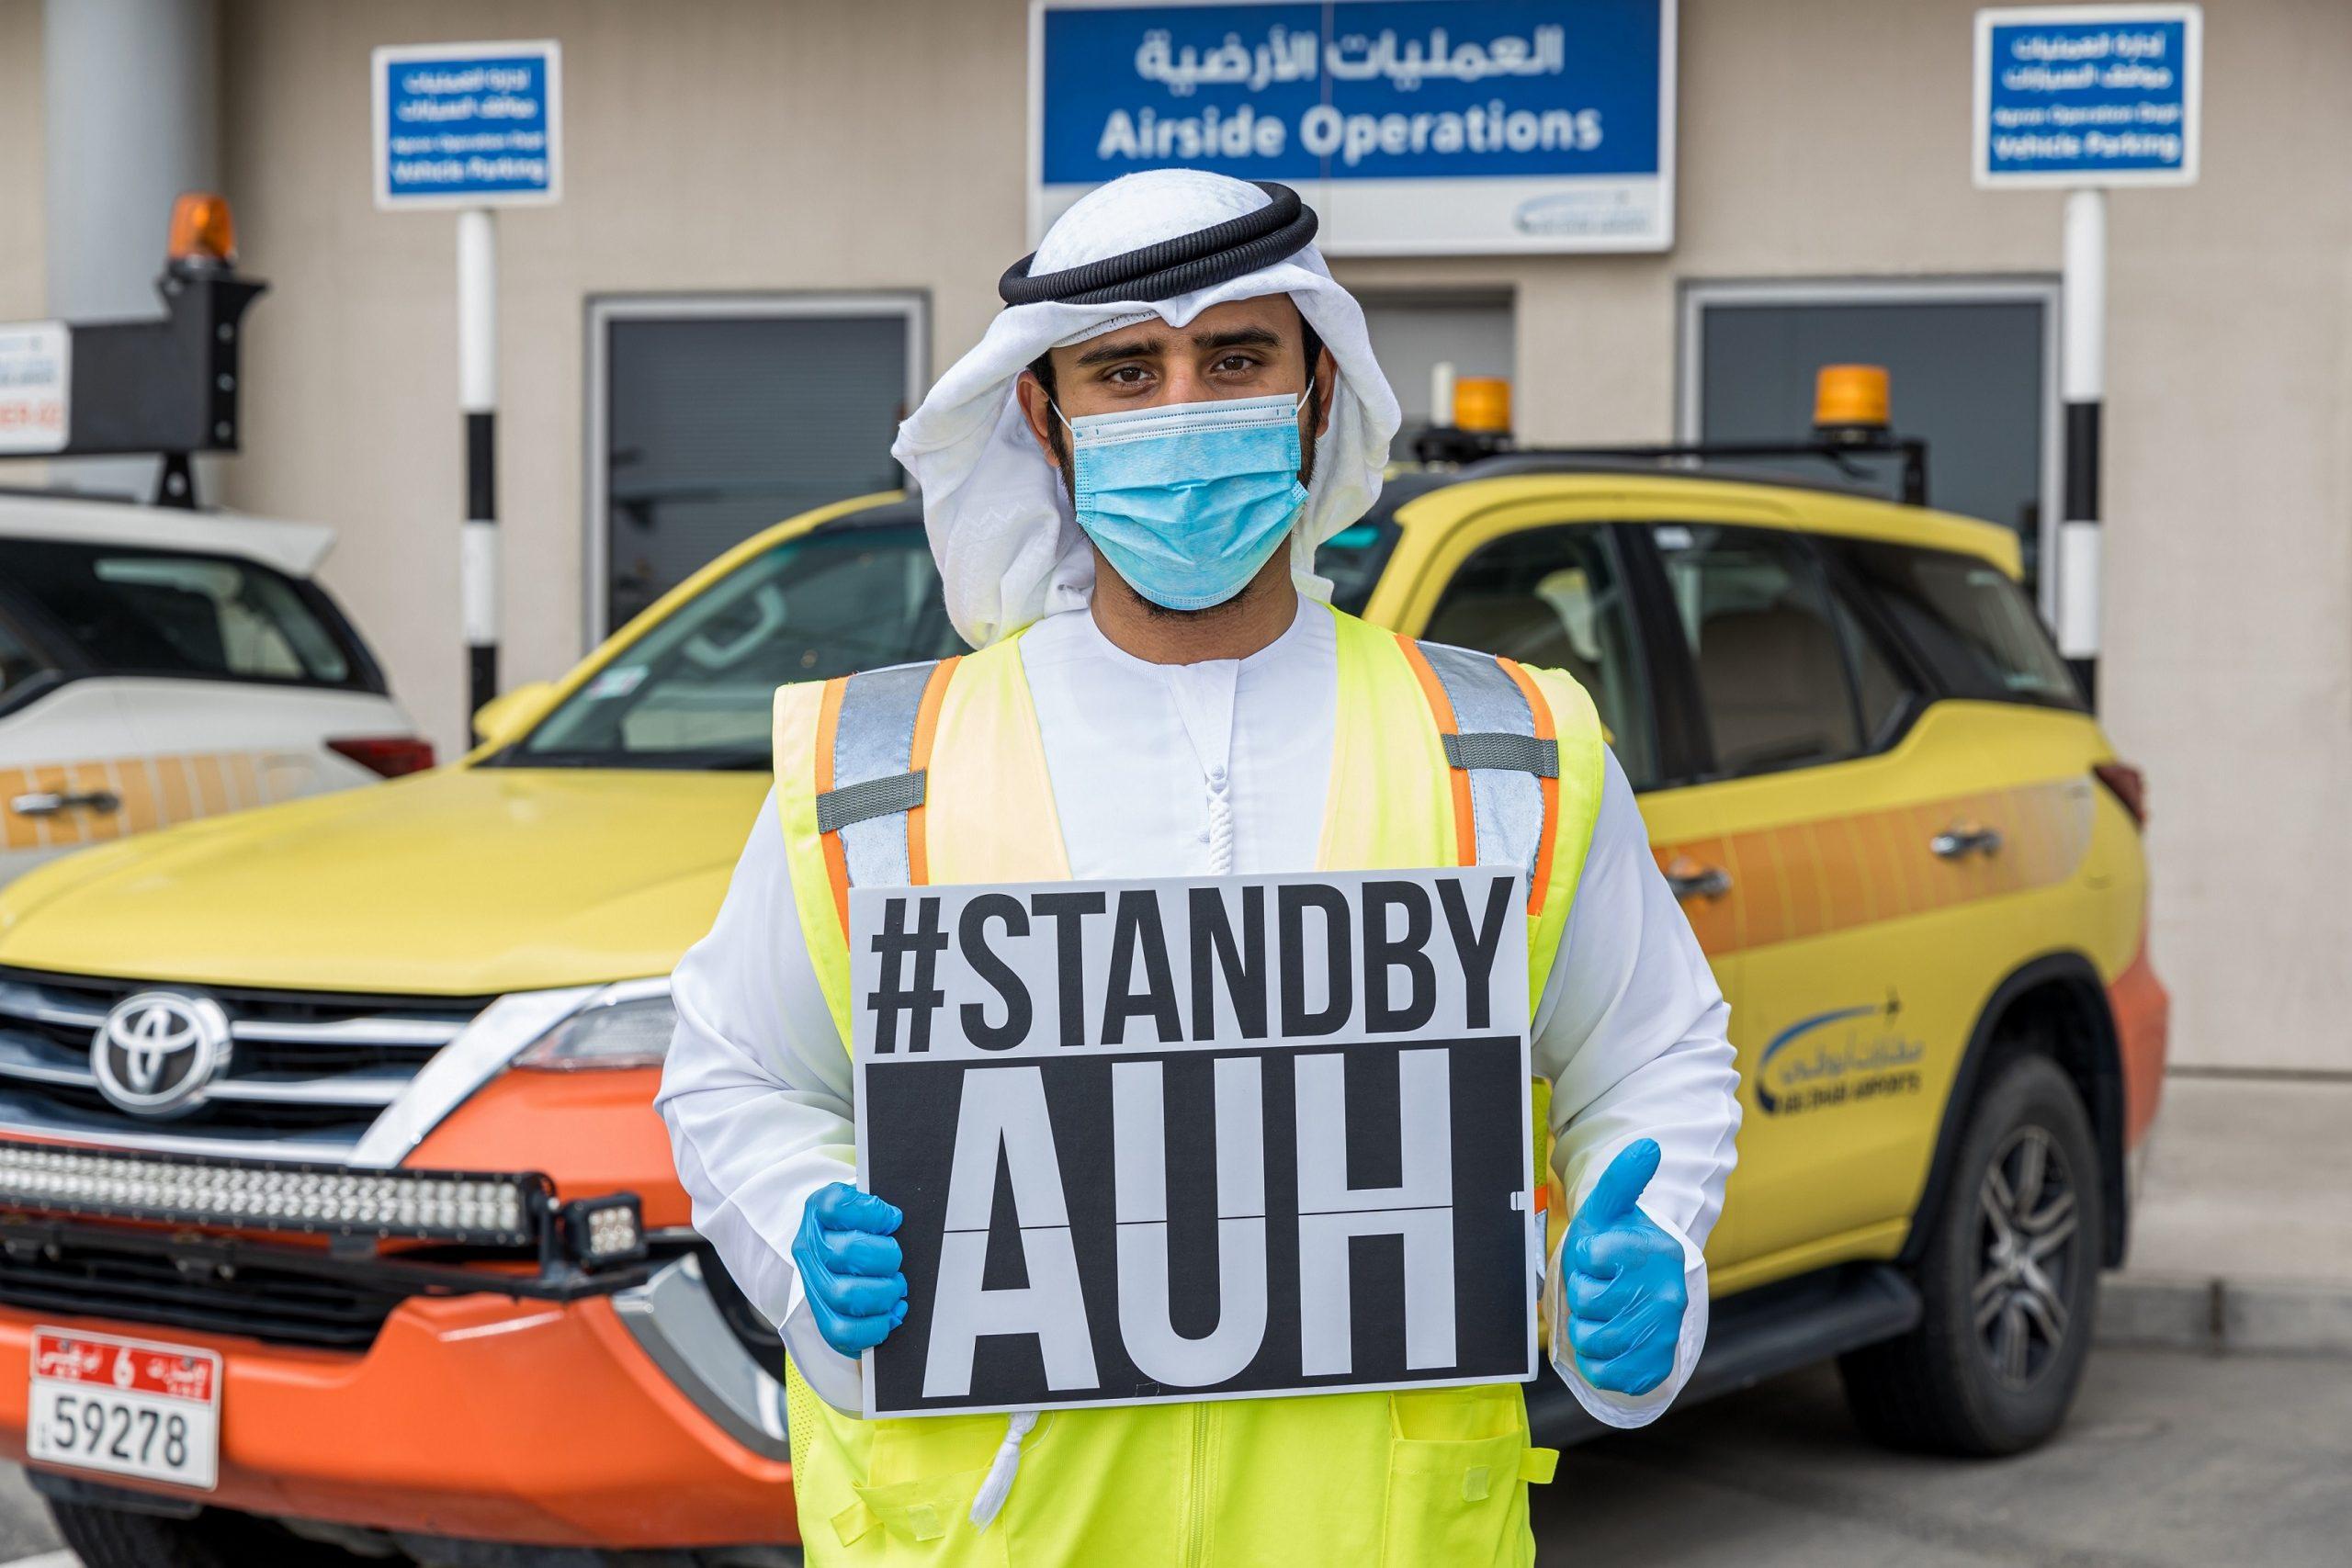 مطارات أبوظبي تطلق حملة (#StandbyAUH) تقديراً لجهود موظفي المطار خلال أزمة فيروس كورونا